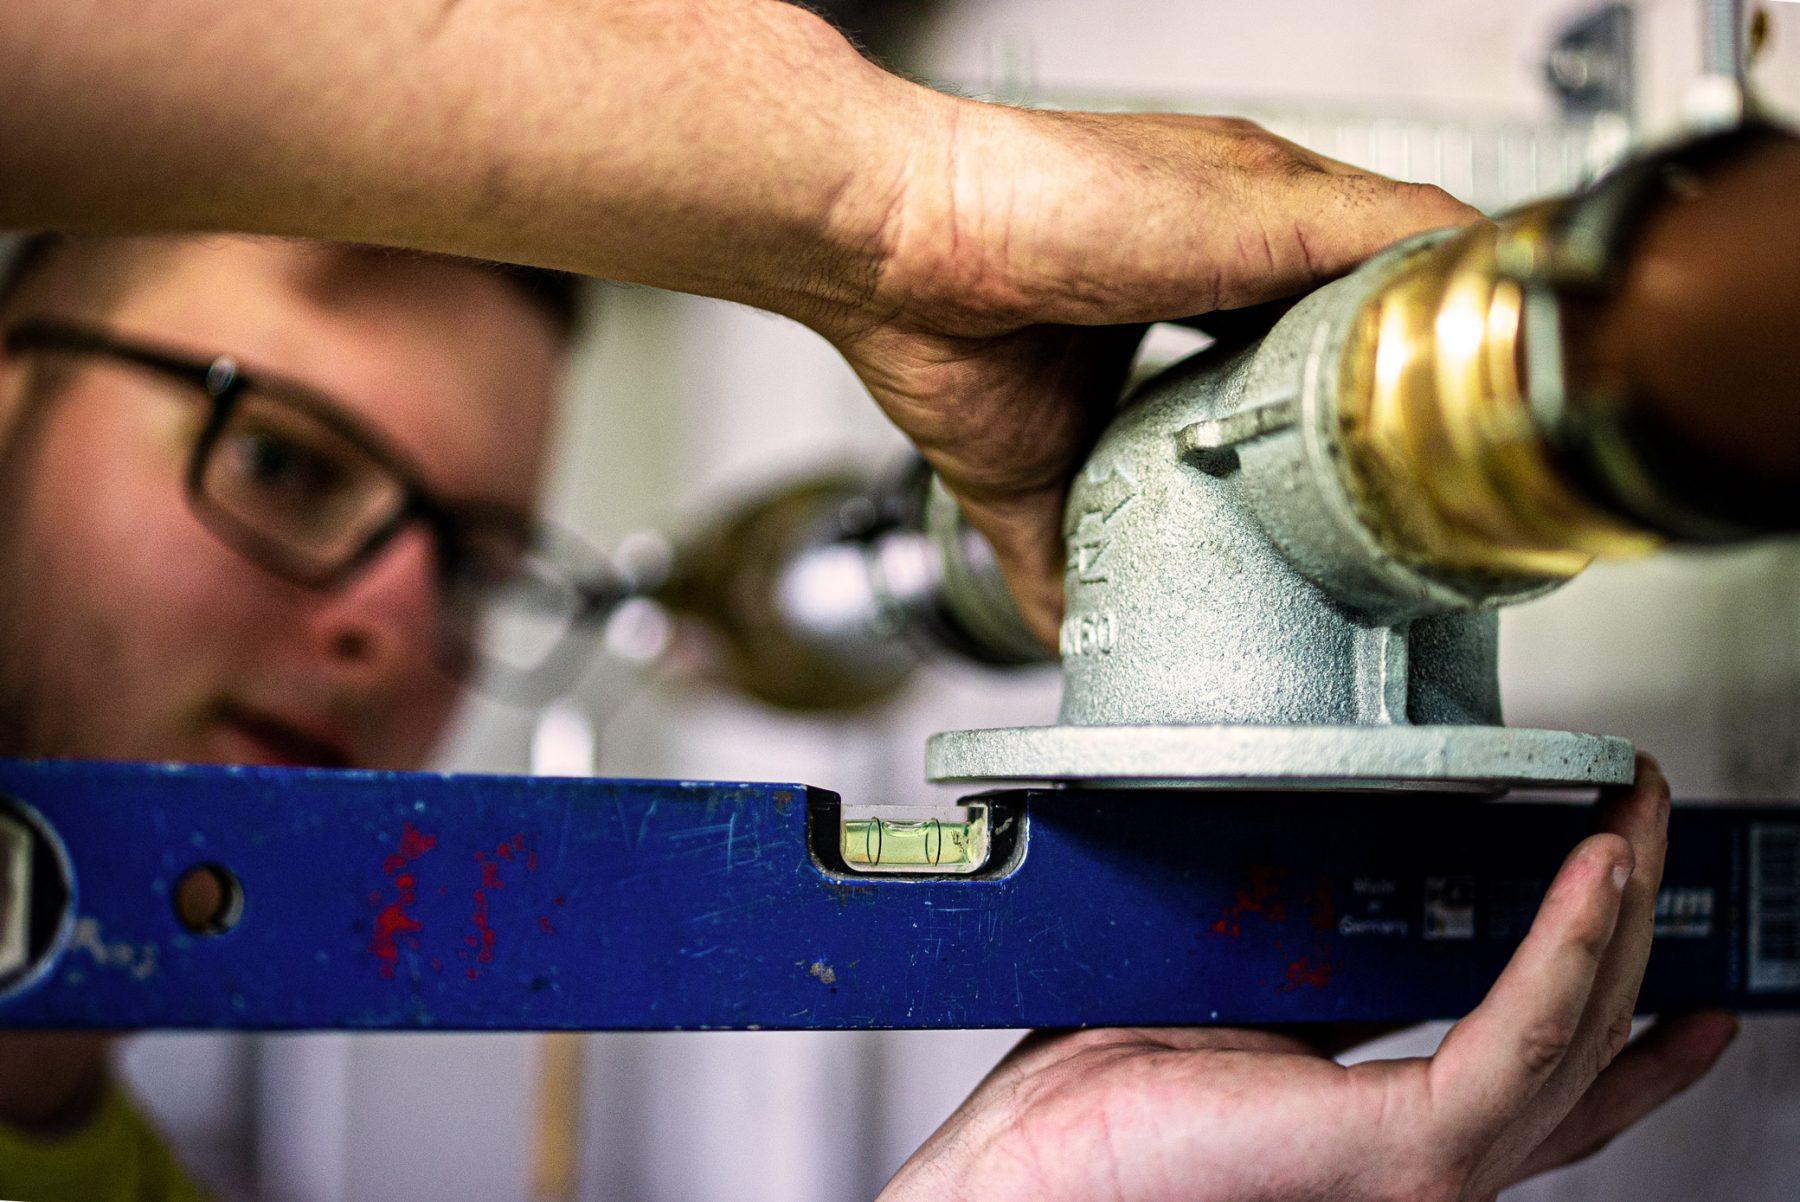 Prüfung von Heizungsrohren mittels Wasserwaage